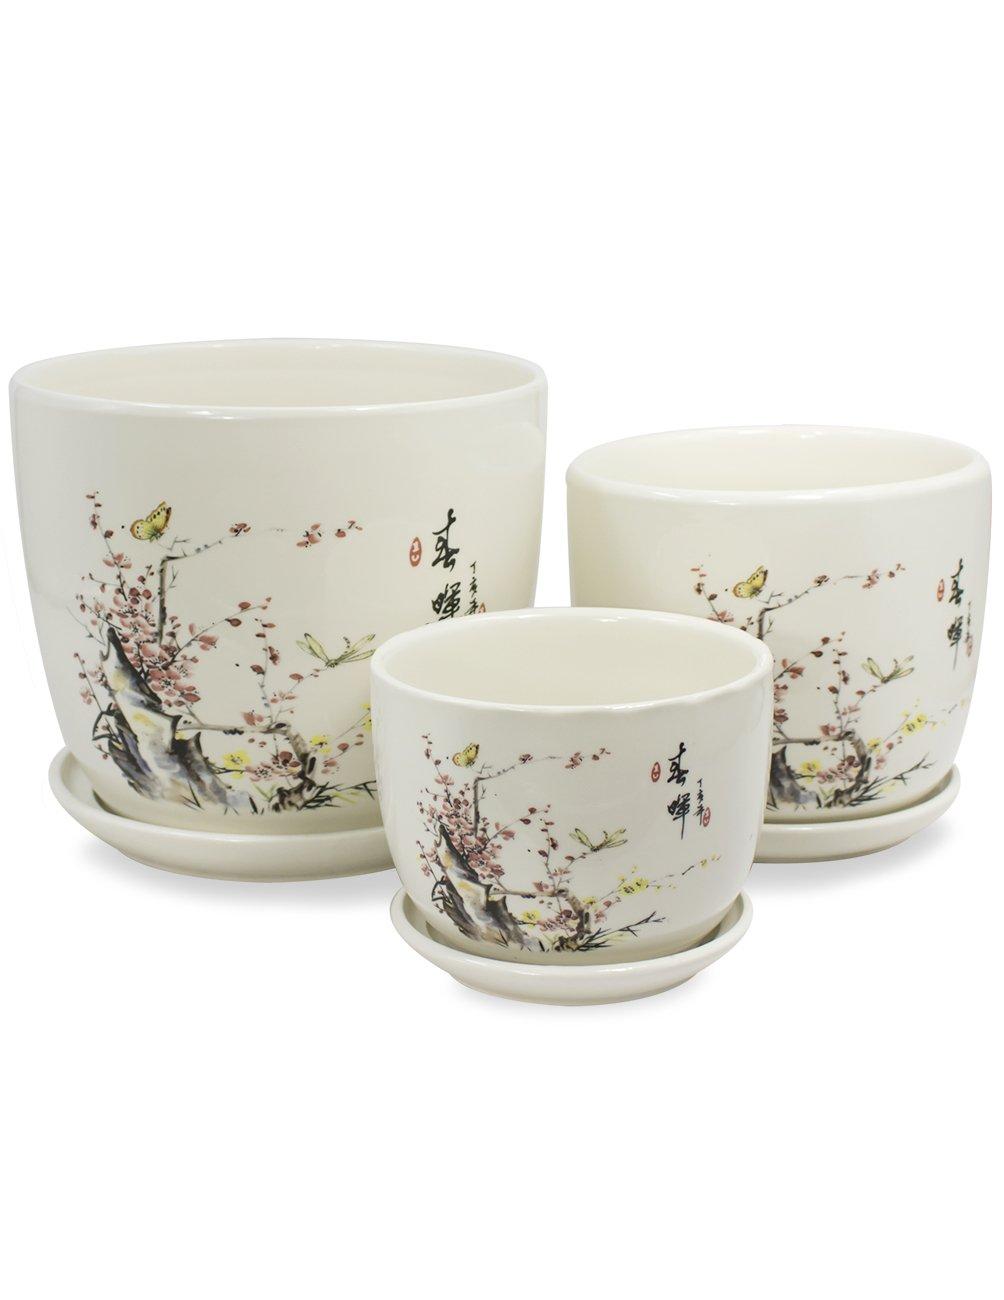 Dahlia Set of 3 Hand Painted Ceramic Planter Plant Flower Pot w. Attached Saucer, Peach Blossom